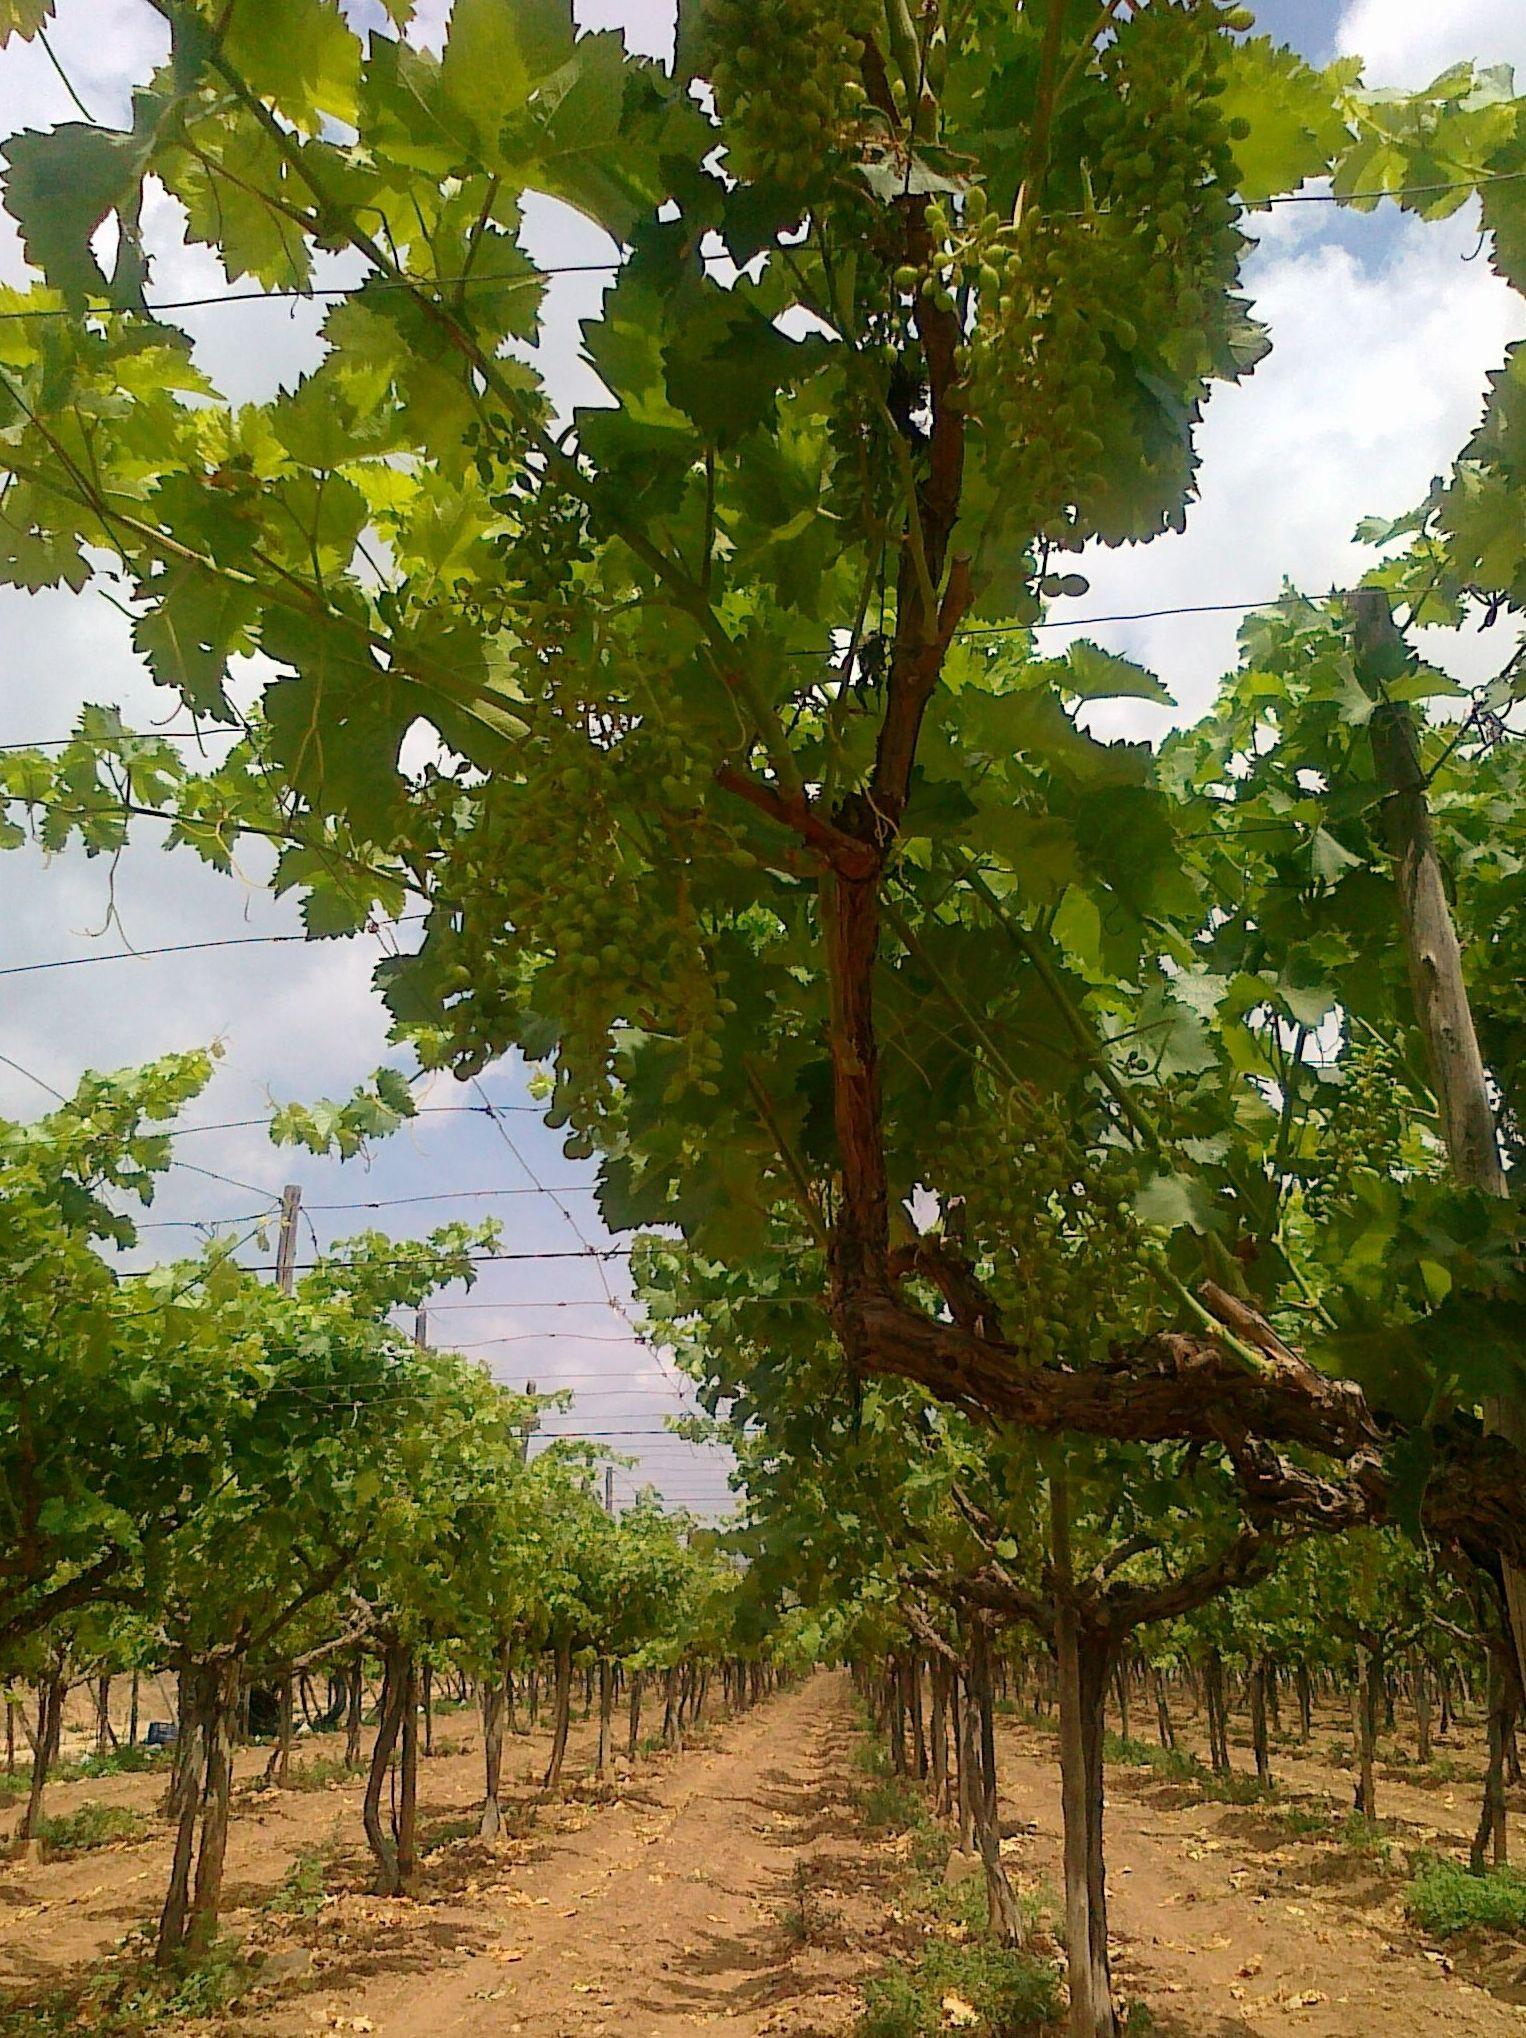 Picture 77 of Infraestructuras y trabajos agrícolas in La Murada – Orihuela   Mantenimiento y Estructuras Agrícolas Mateo e Hijo, S.L.